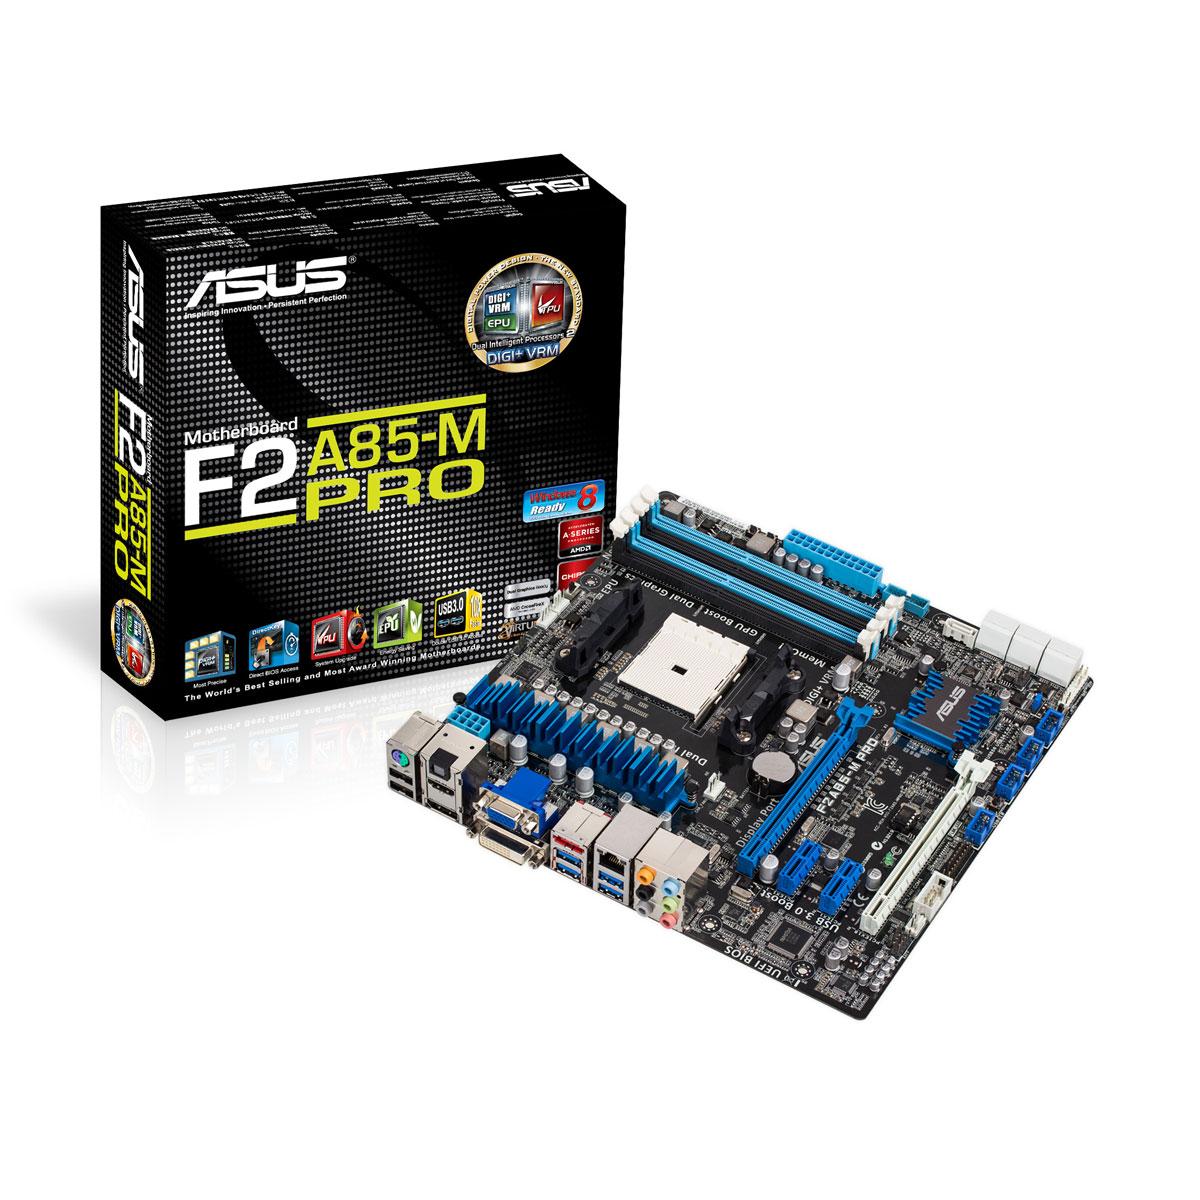 Pro 3 Motherboar A85x D4 Amd S F2a85 Hdmi Asus Usb Atx M Micro Amd 6gb Fm2 0 Sata Hudson